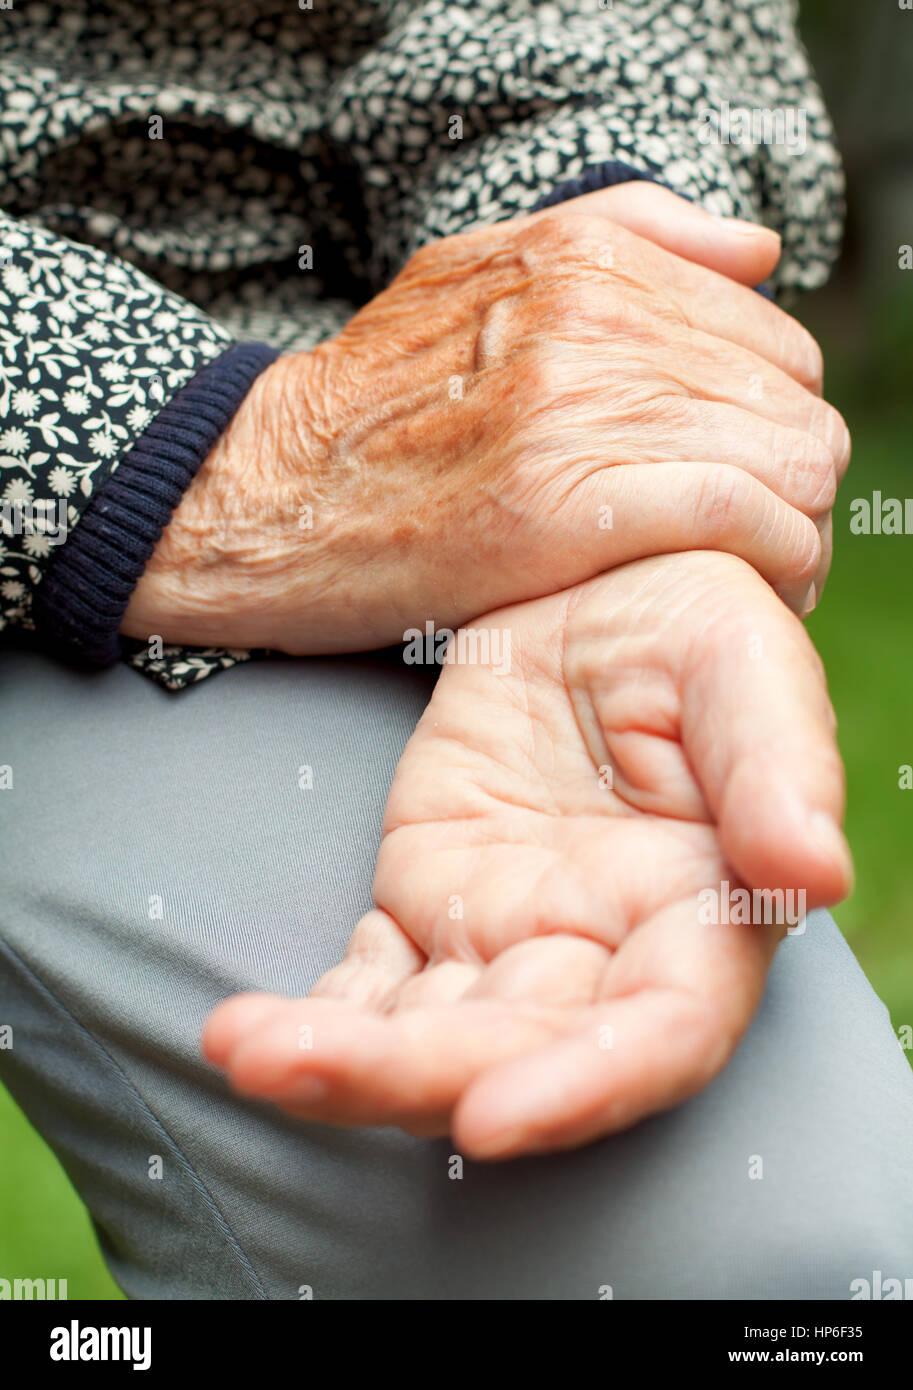 Une vieille femme tenant son poignet douloureux Photo Stock